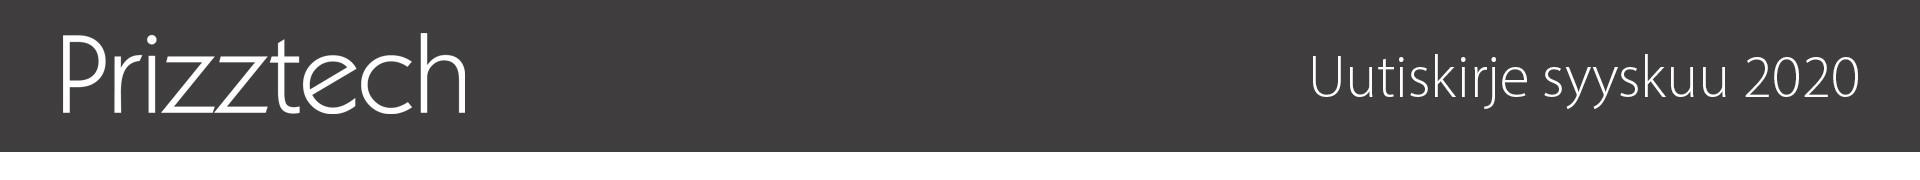 Prizztech-logo